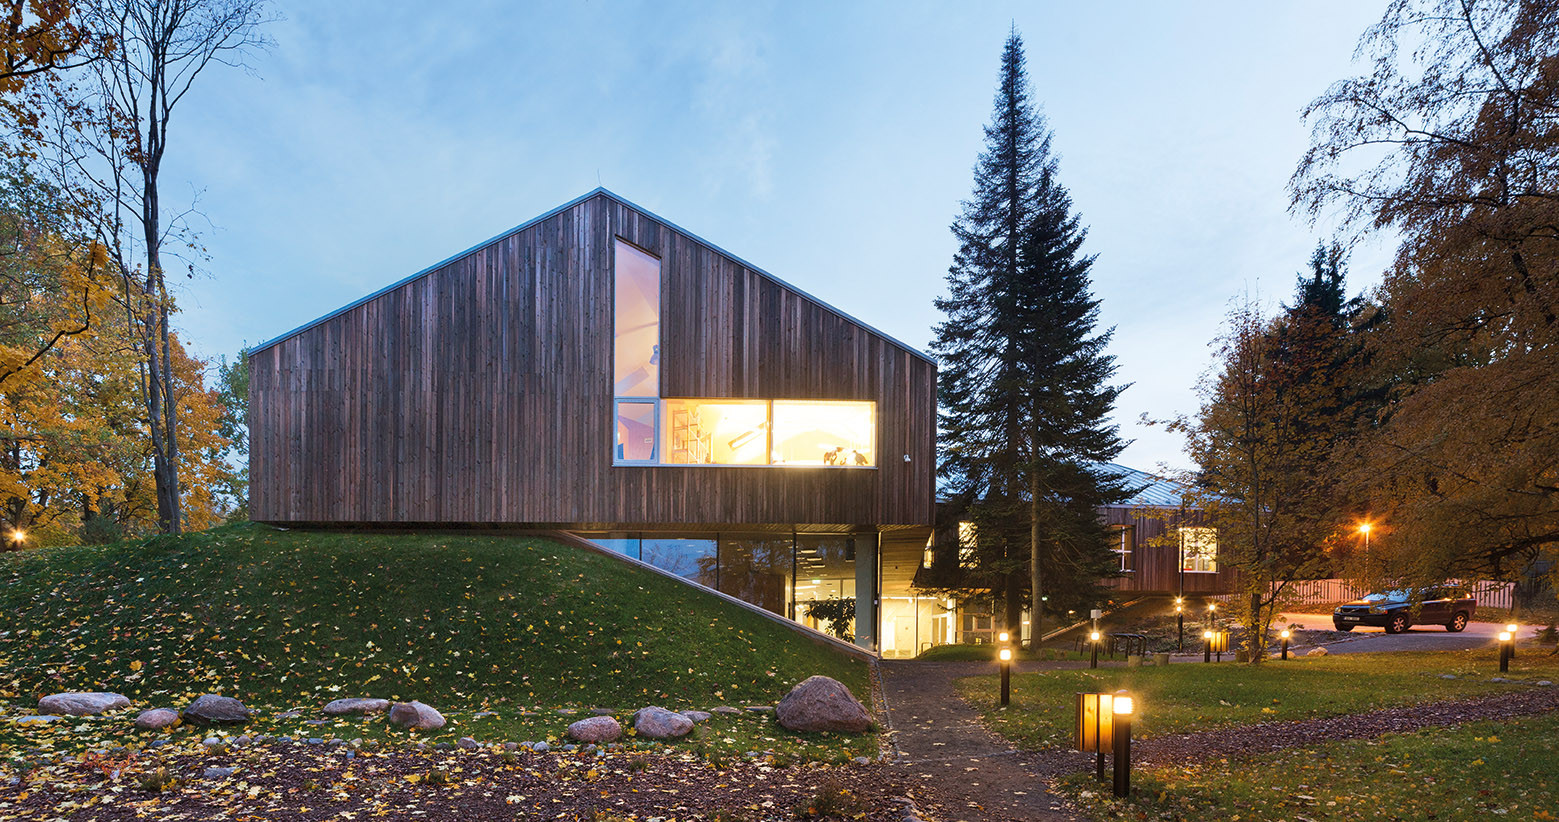 Tartu Nature House Karisma Architects